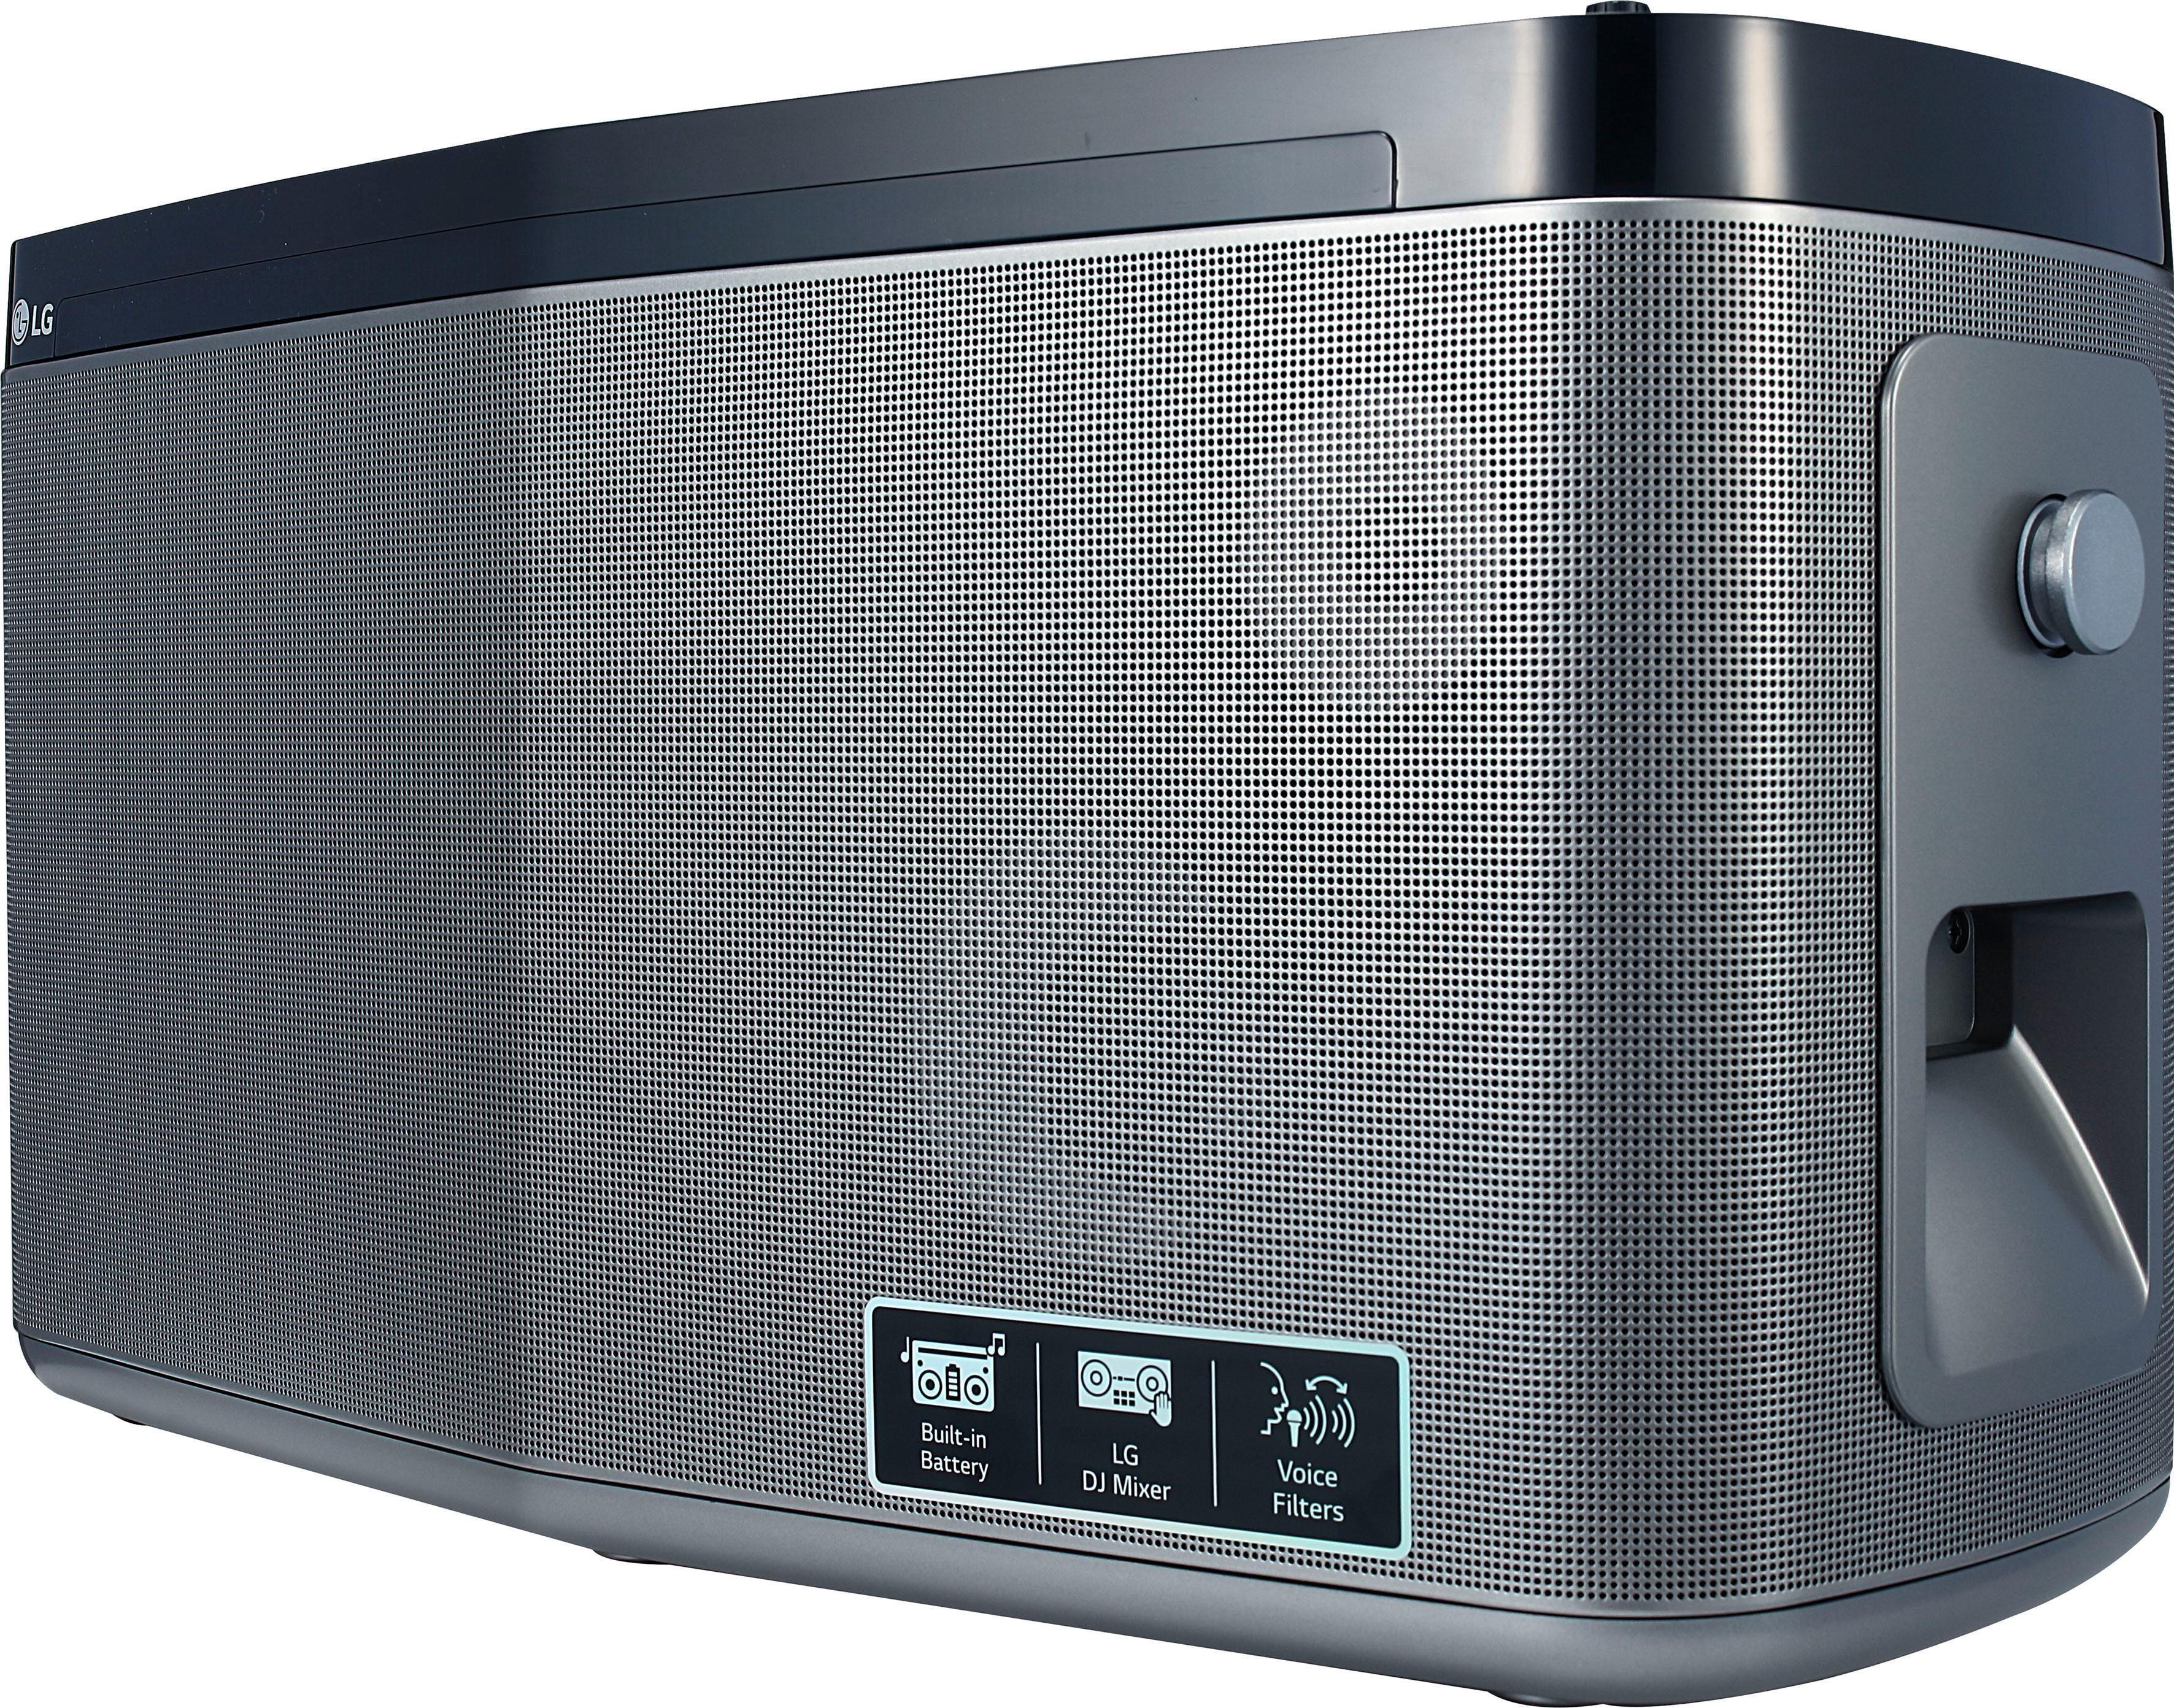 LG »RK8« Stereoanlage (Bluetooth, FM-Tuner, 100 W)